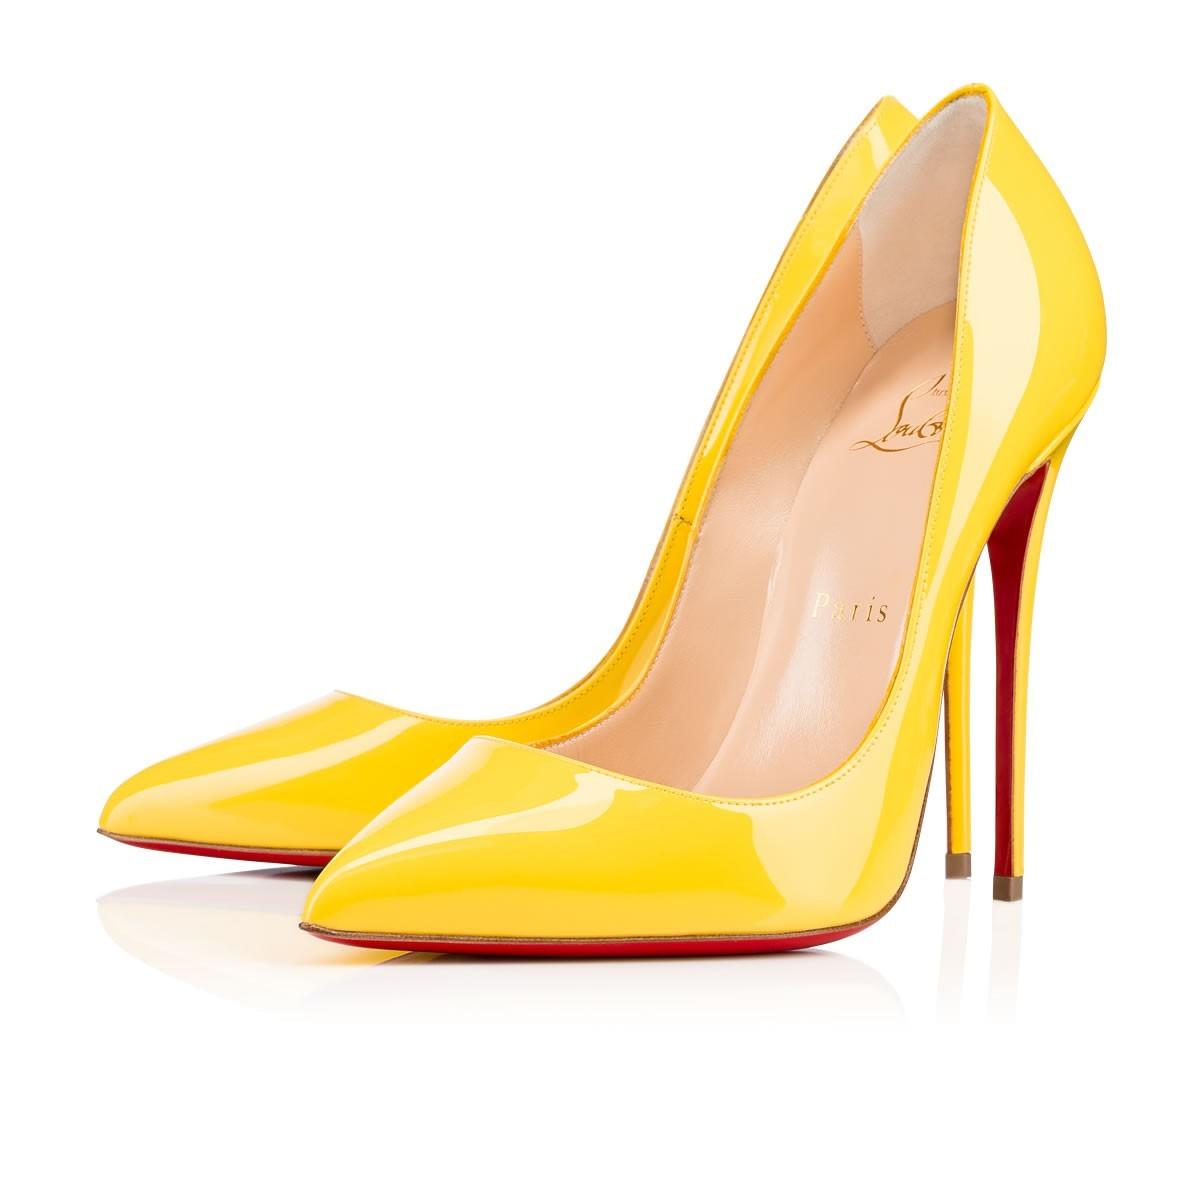 CHRISTIAN LOUBOUTIN SO Kate Yellow Patent Stiletto Heels